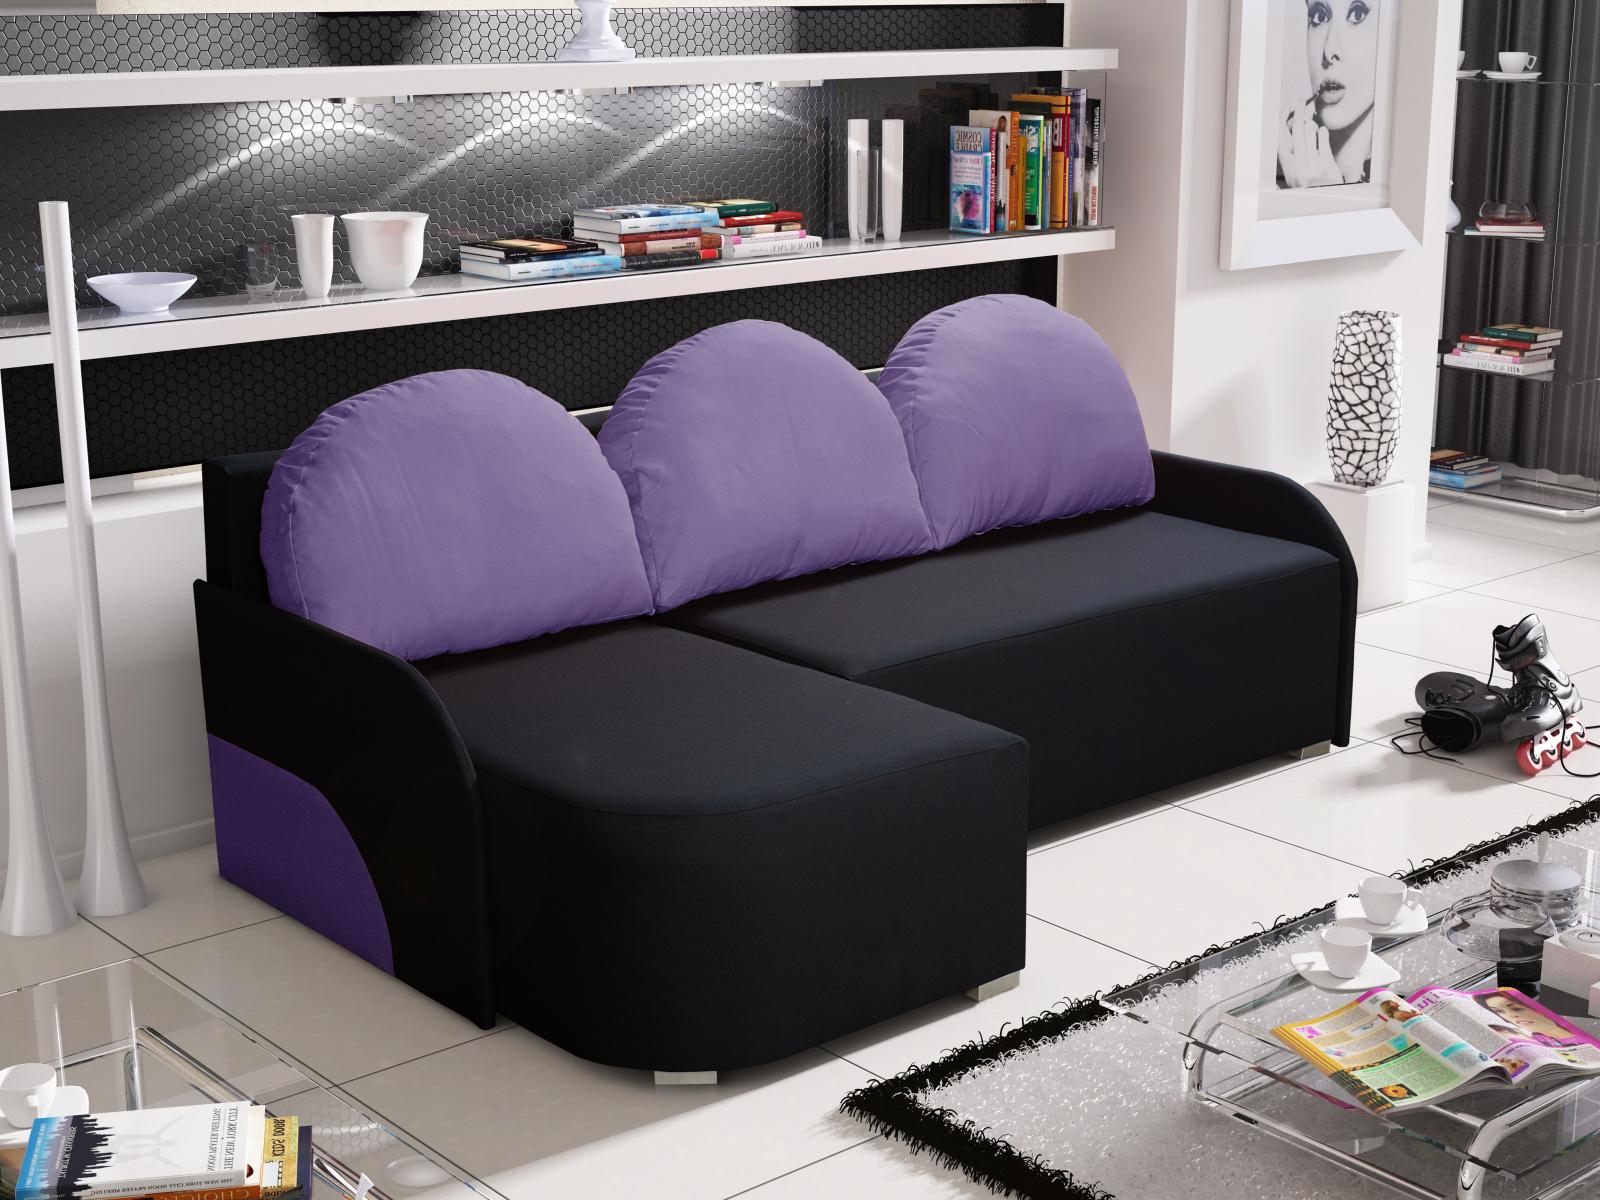 Smartshop Rohová sedačka KRIS 7 levá, černá/fialová